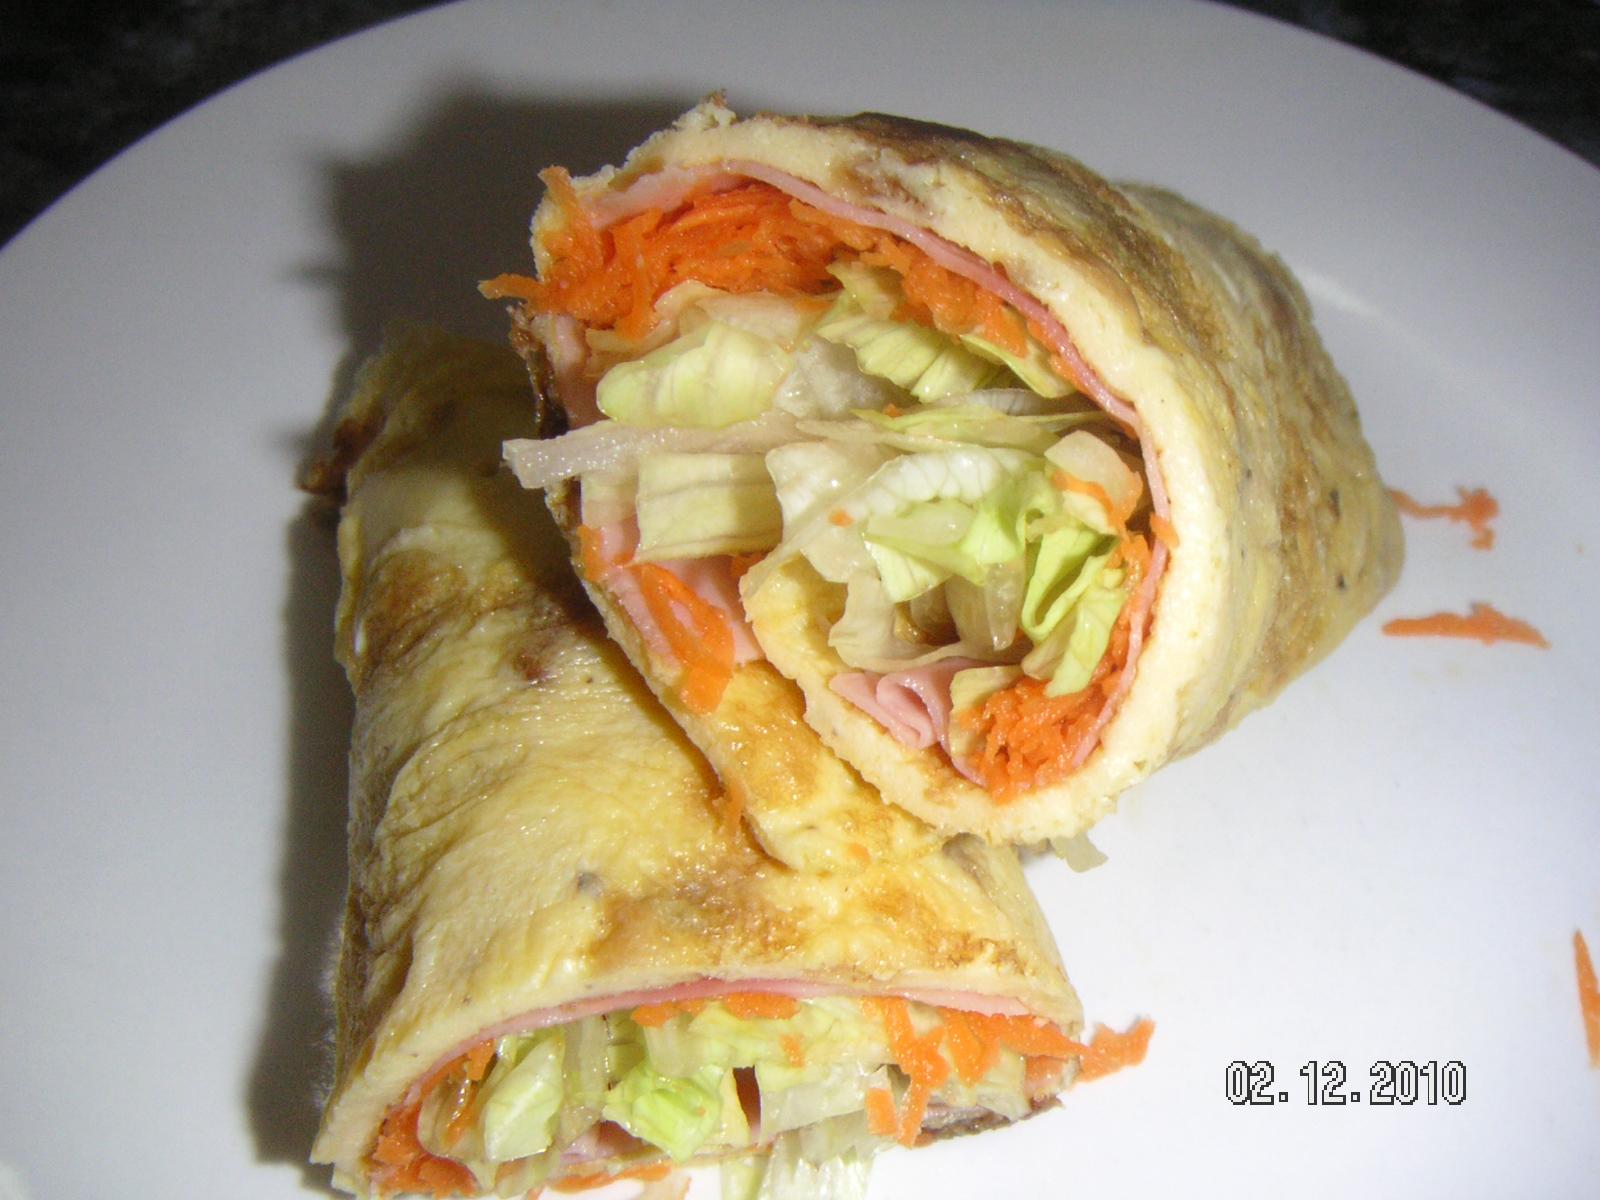 Cocinando la maribunda rollitos de zanahoria for Una comida rapida